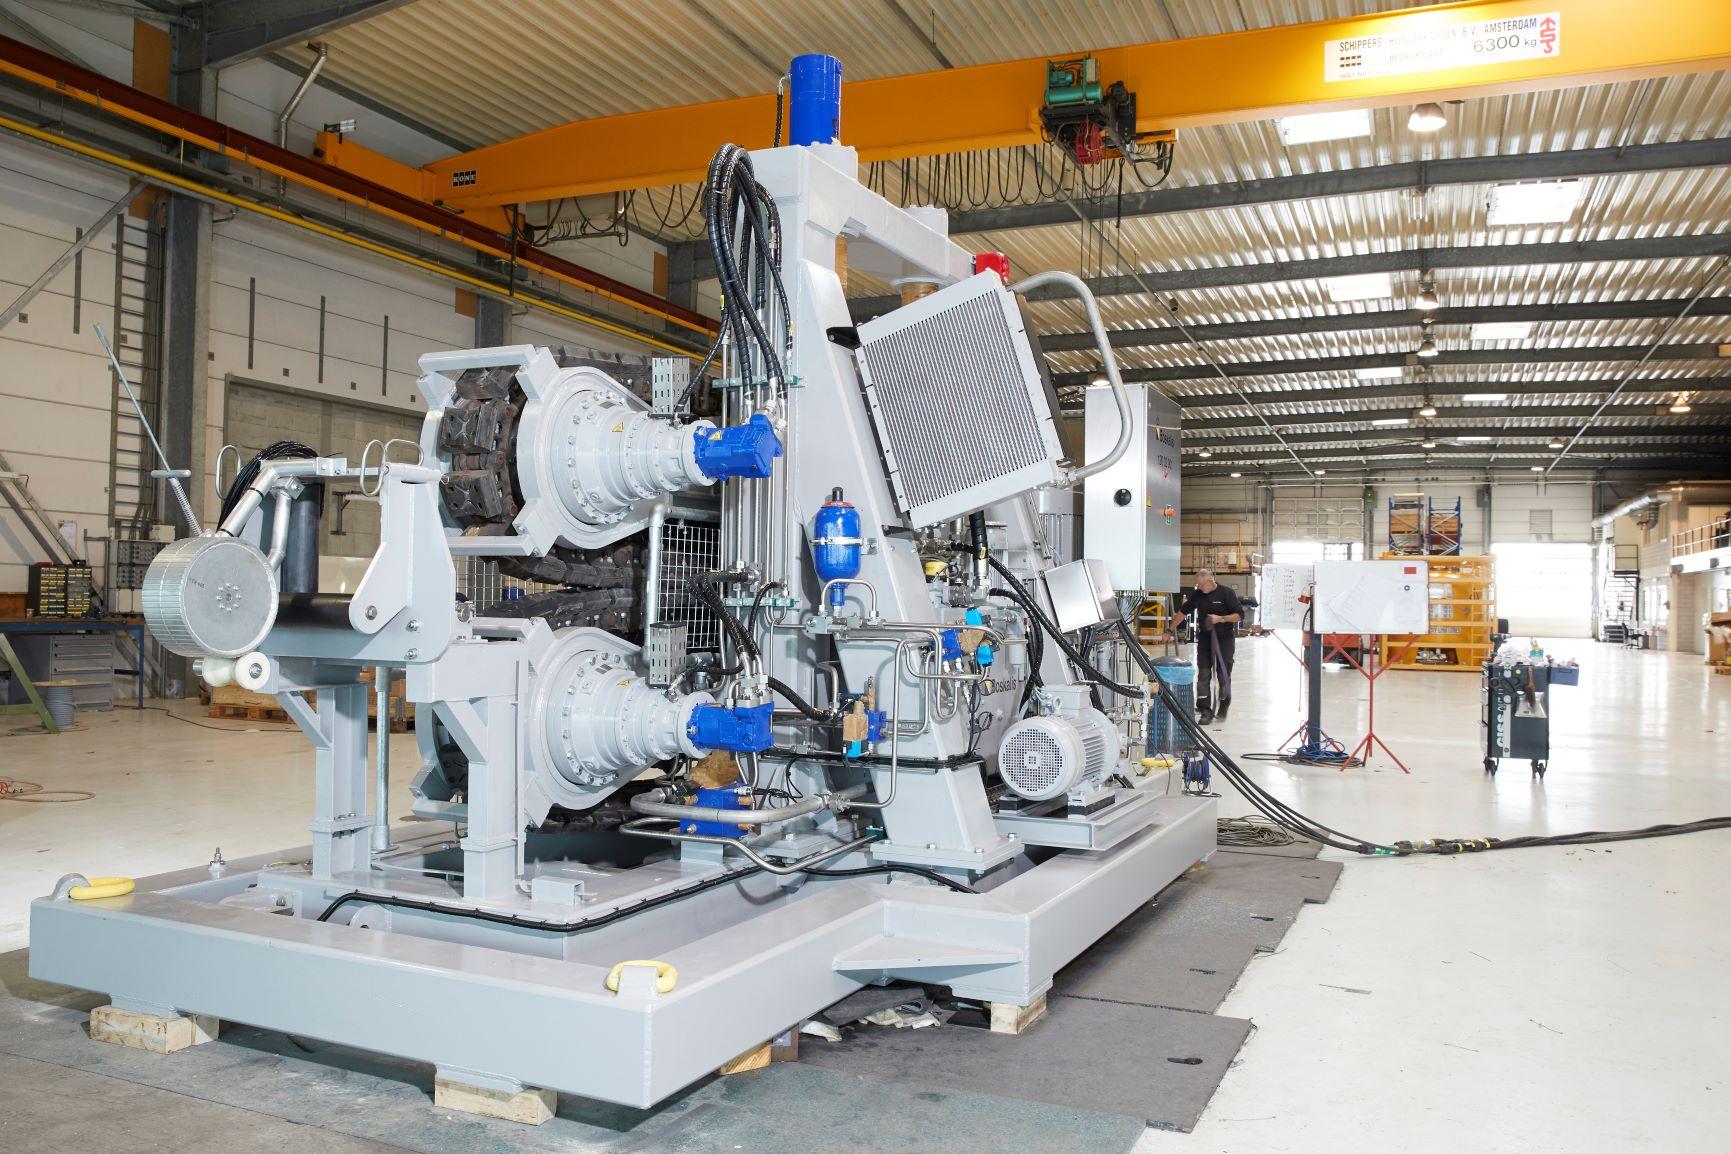 Overhauled 10T tensioner by Doedijns